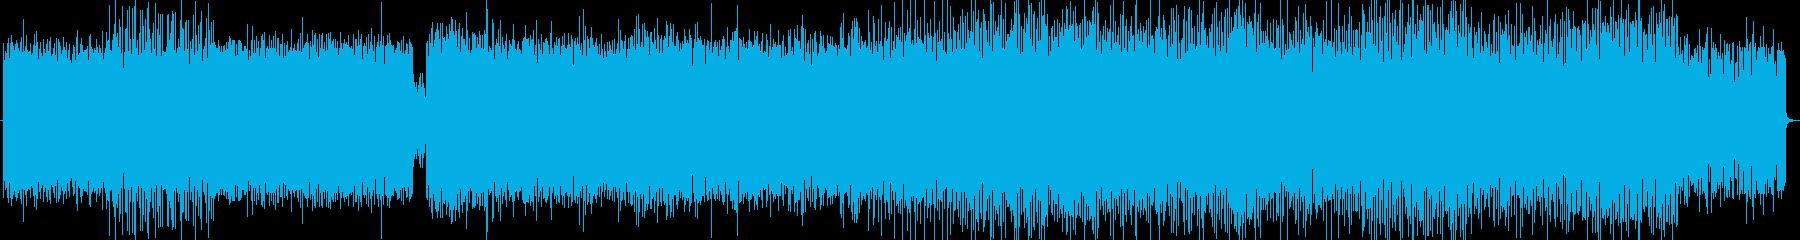 軽快で幻想的なテクノポップの再生済みの波形